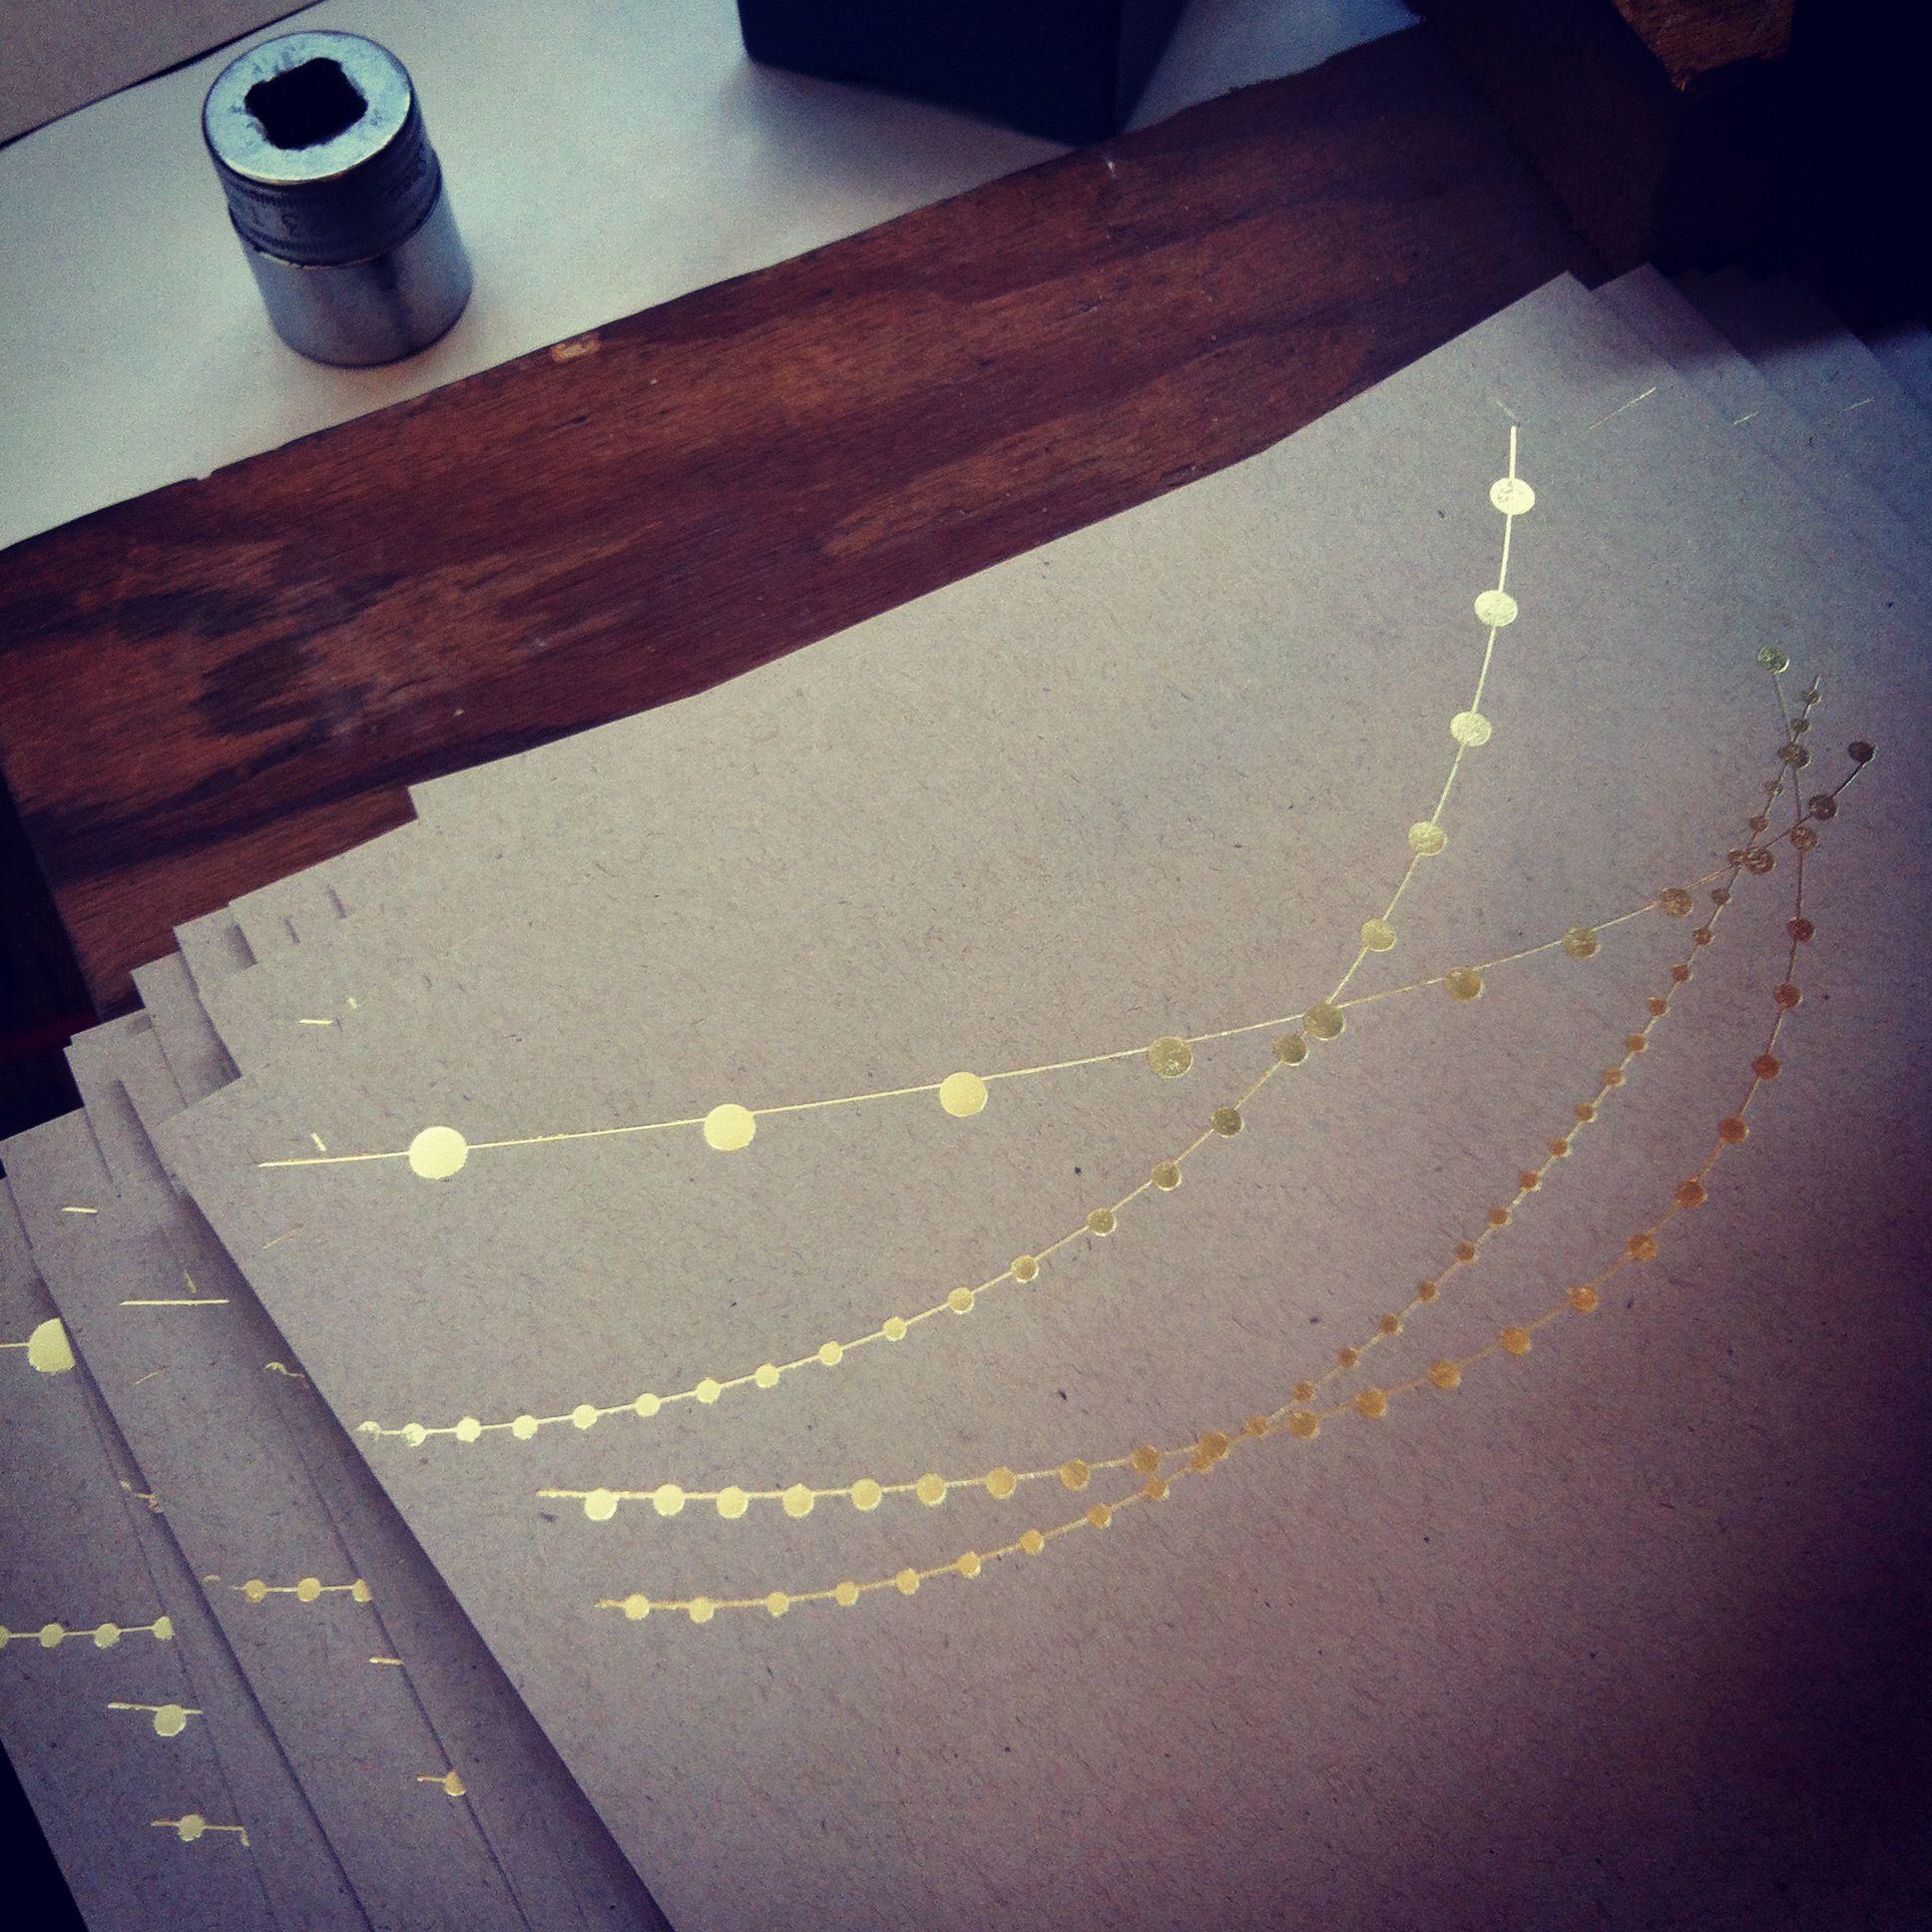 Gold Hot Foil Stamped Letterpress Wedding Invites By Ladyingers Letterpress